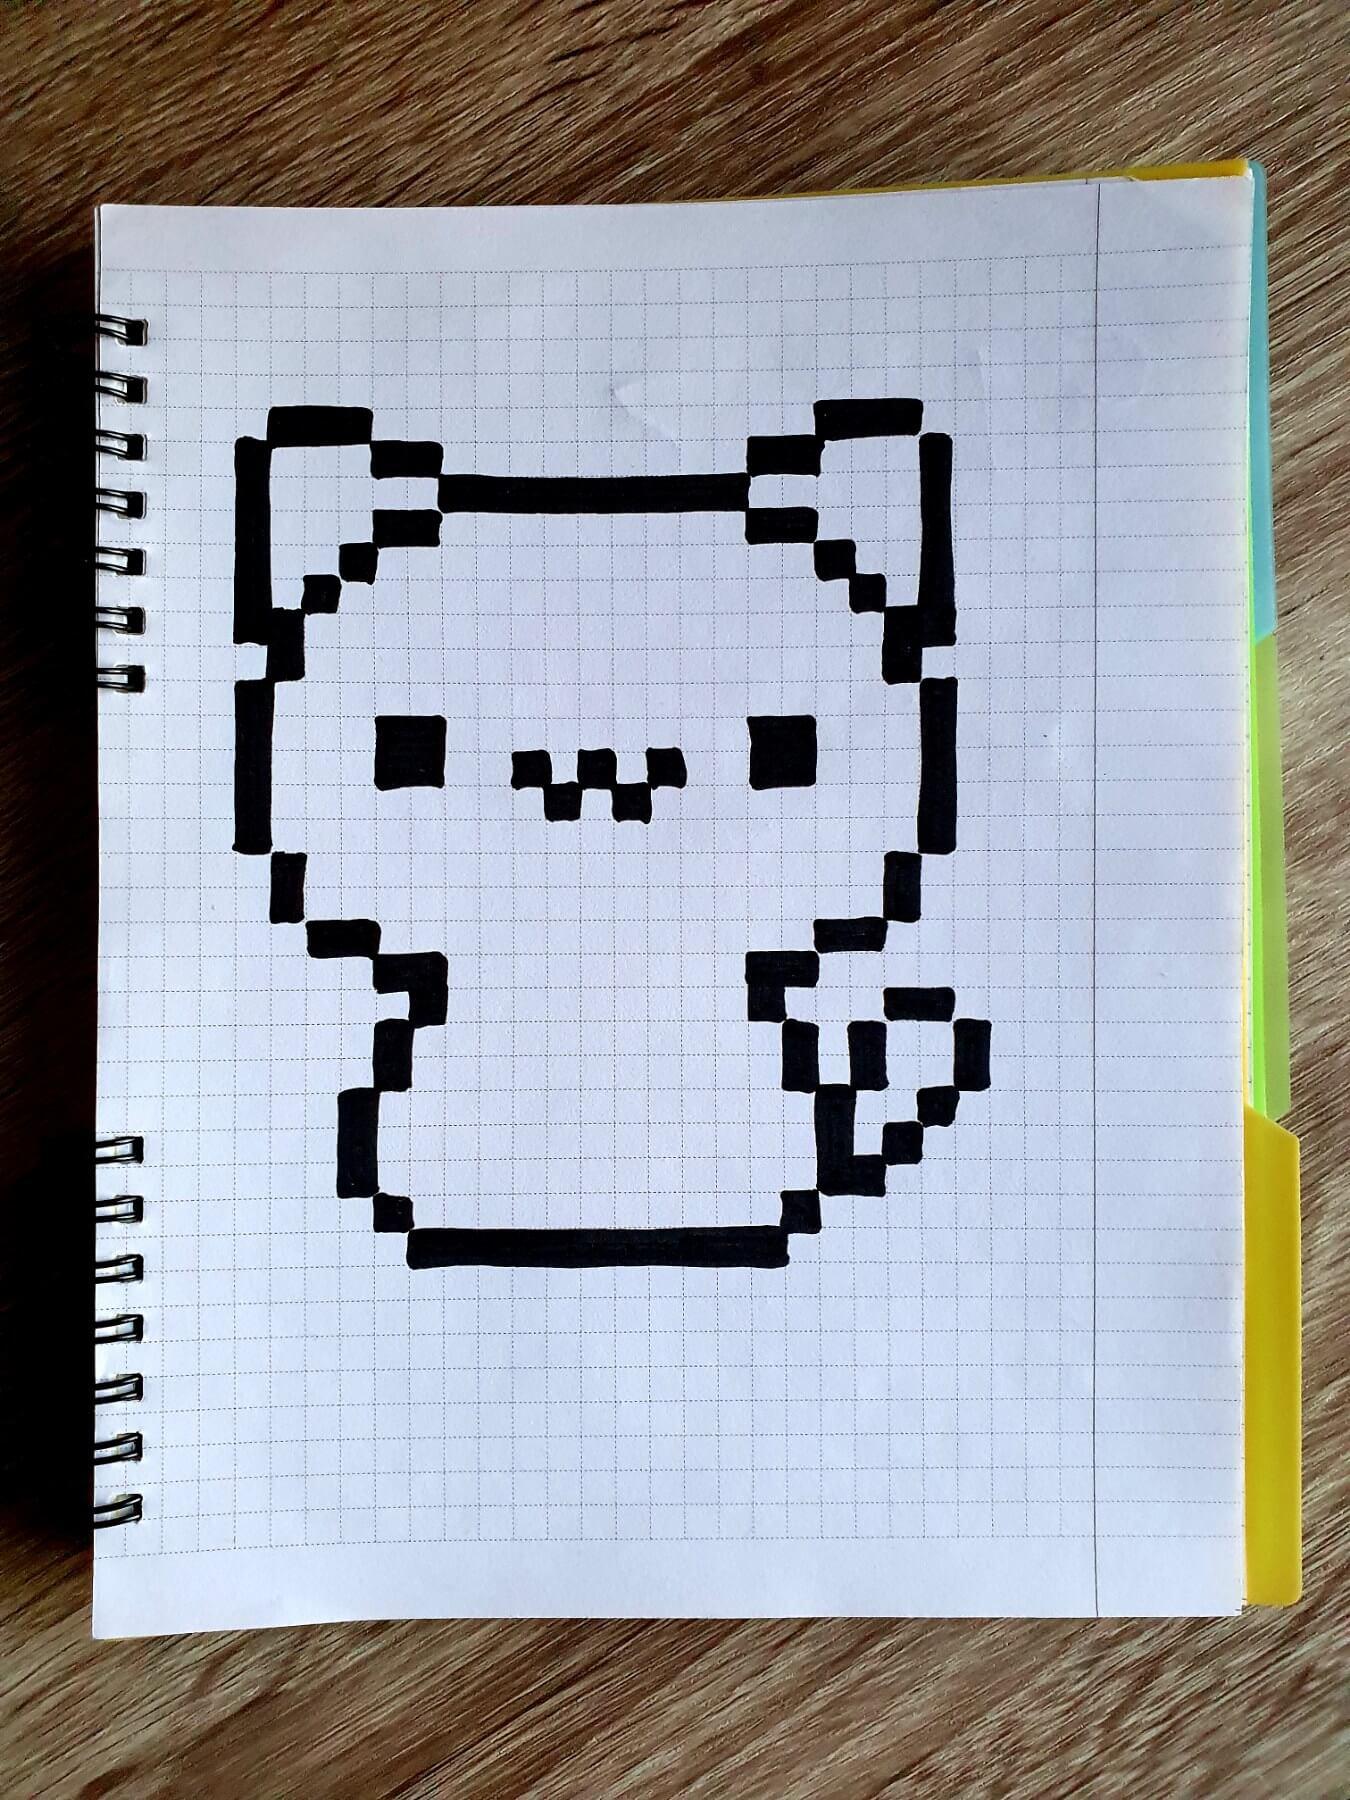 котик, drawings on cells, drawings by cells, pixel art, pixel drawings